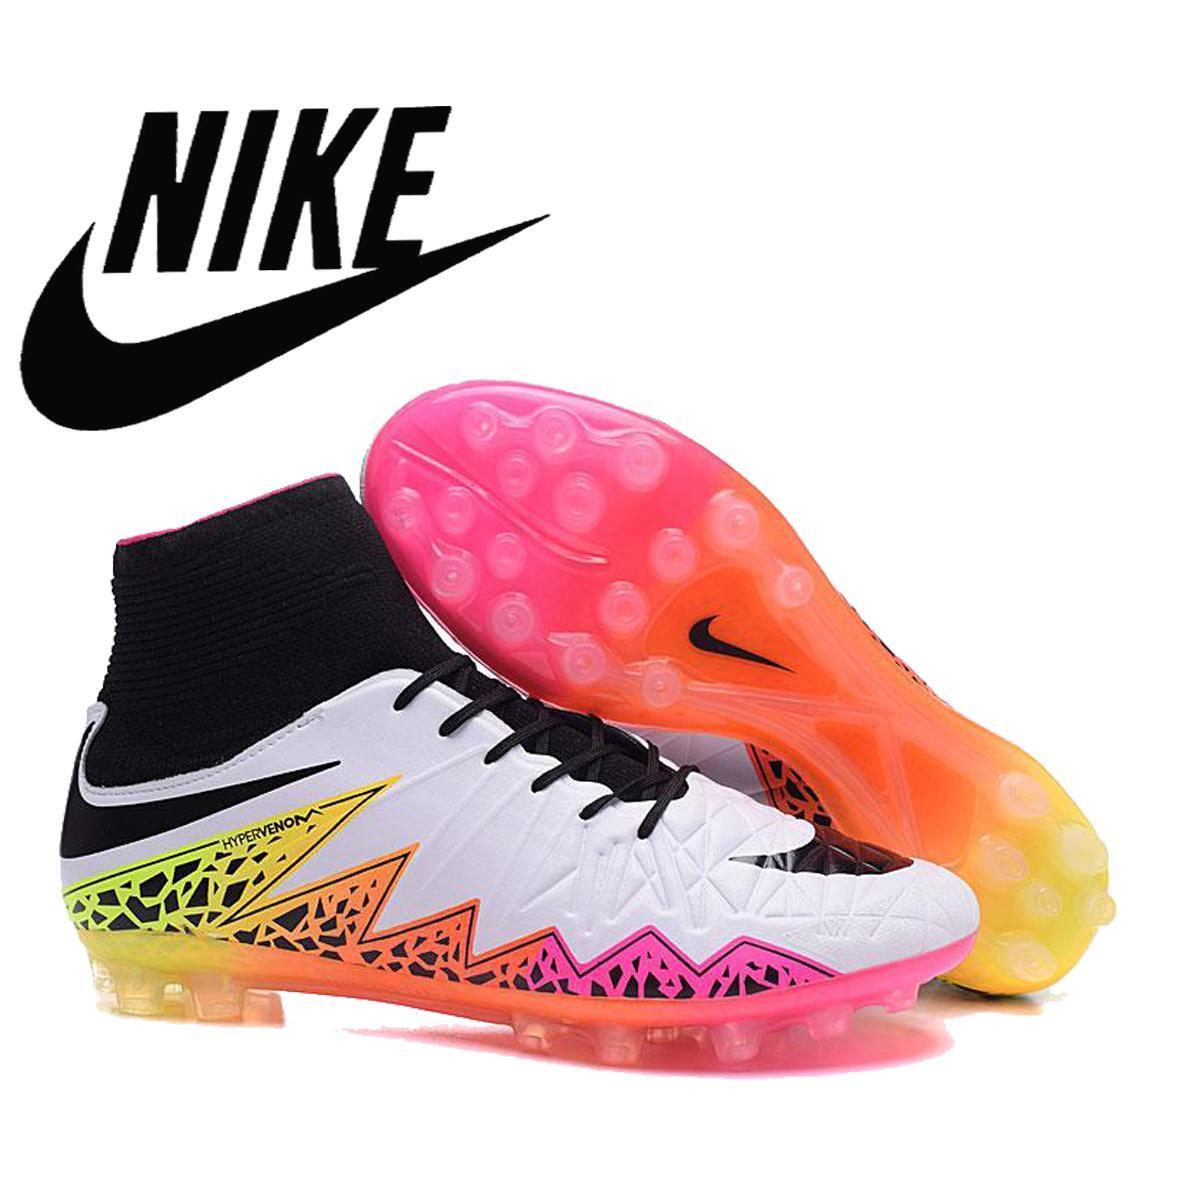 2020 Nike Hypervenom Phantom Ii Fg